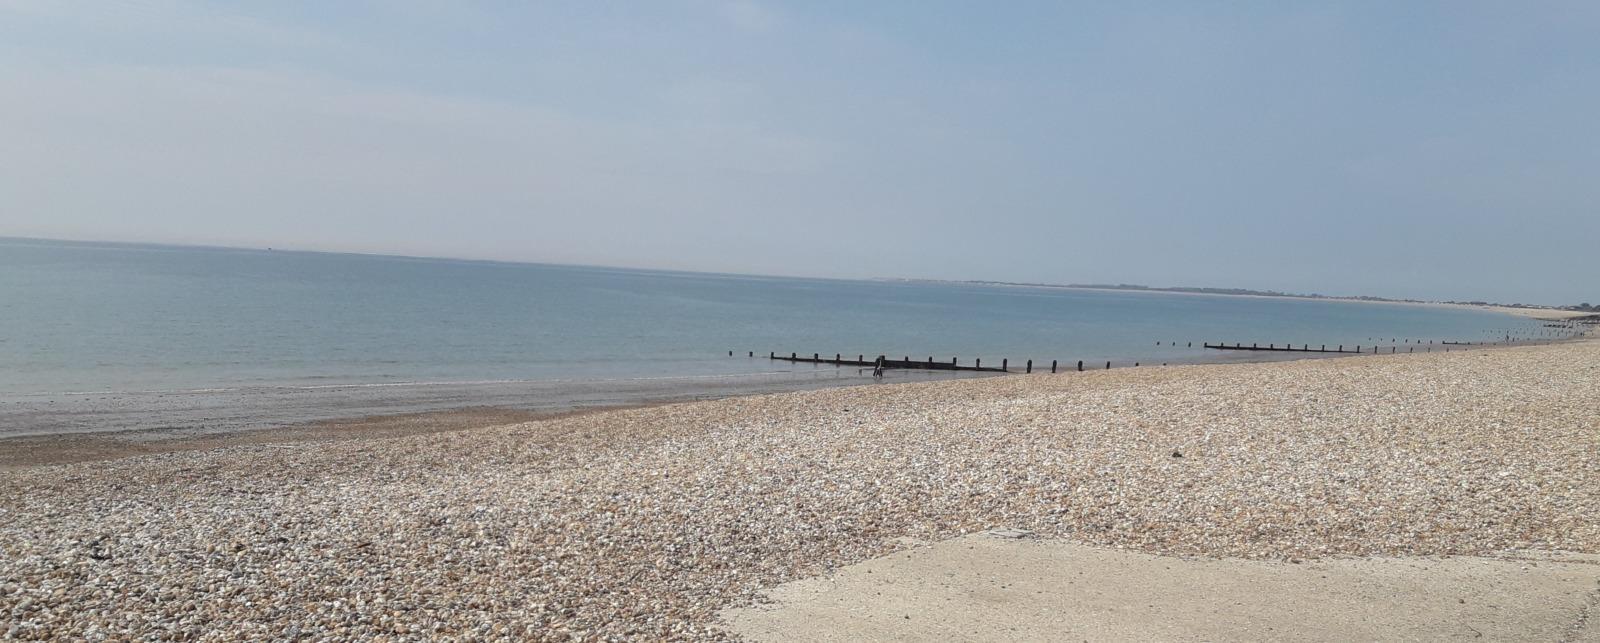 Beach sea